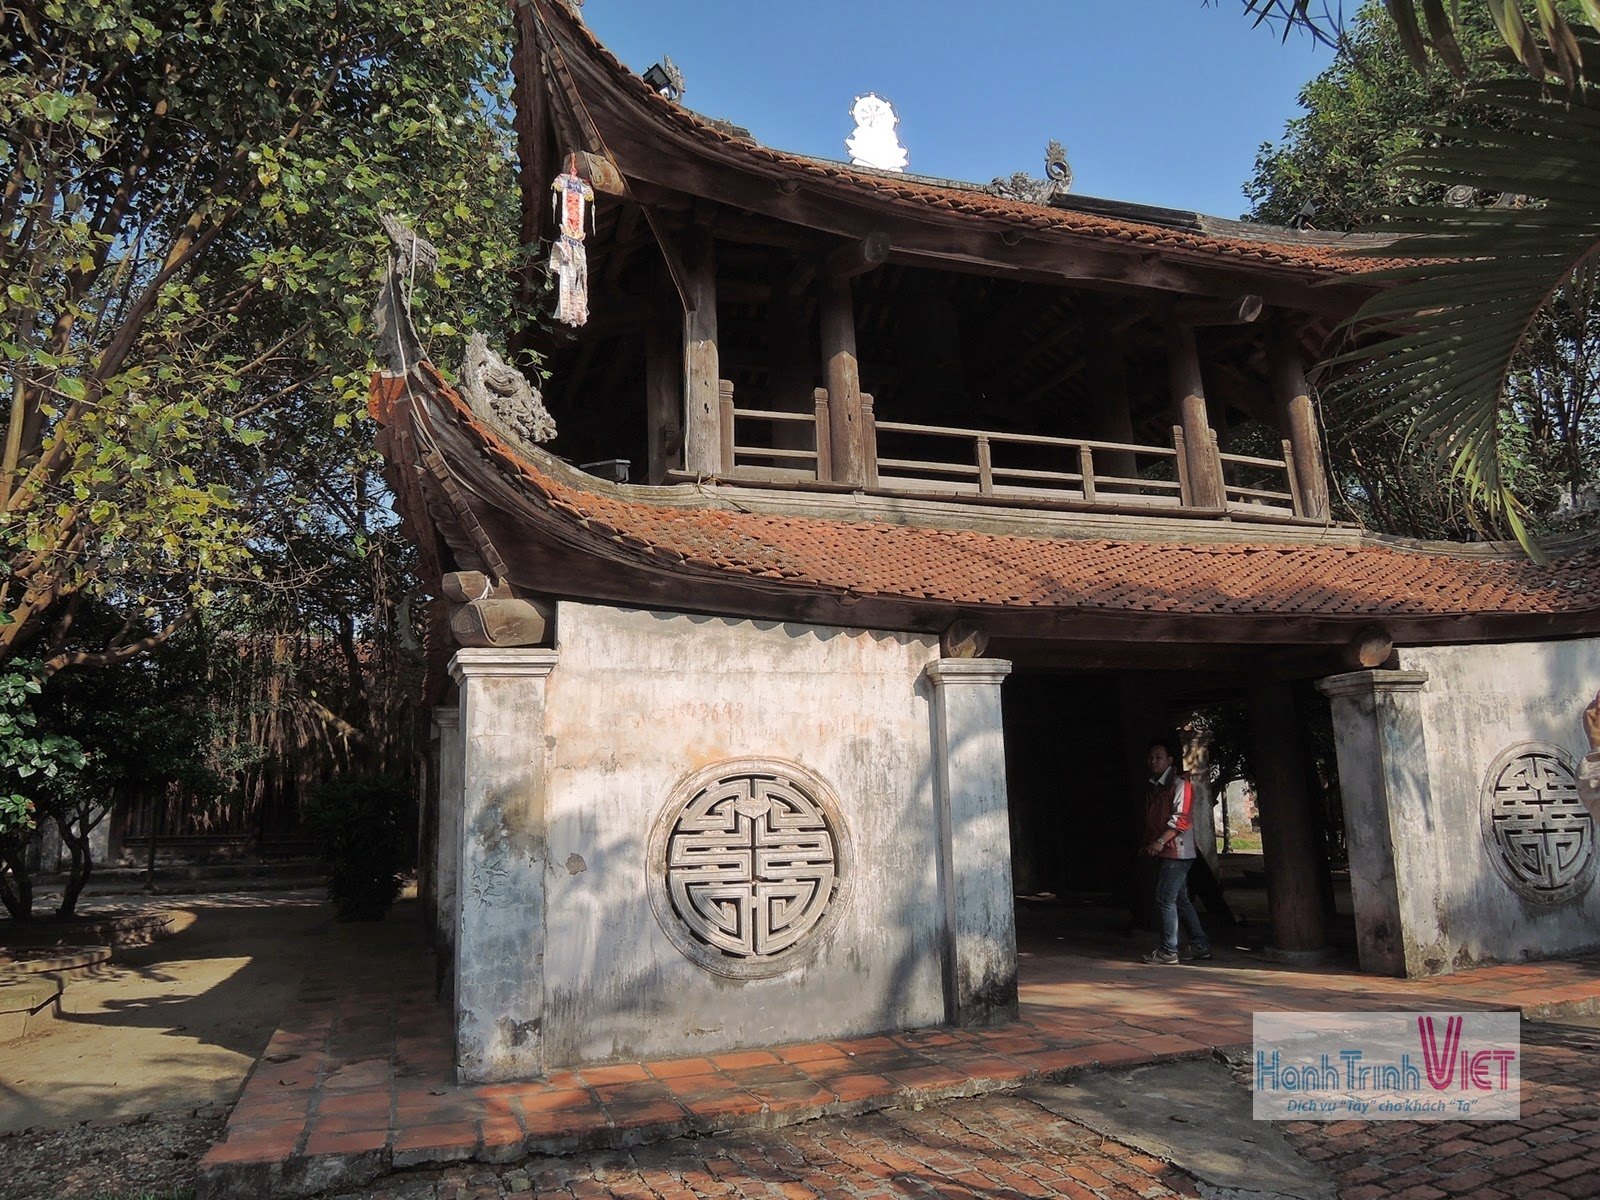 Tham quan chùa Bút Tháp ở Bắc Ninh - 2014